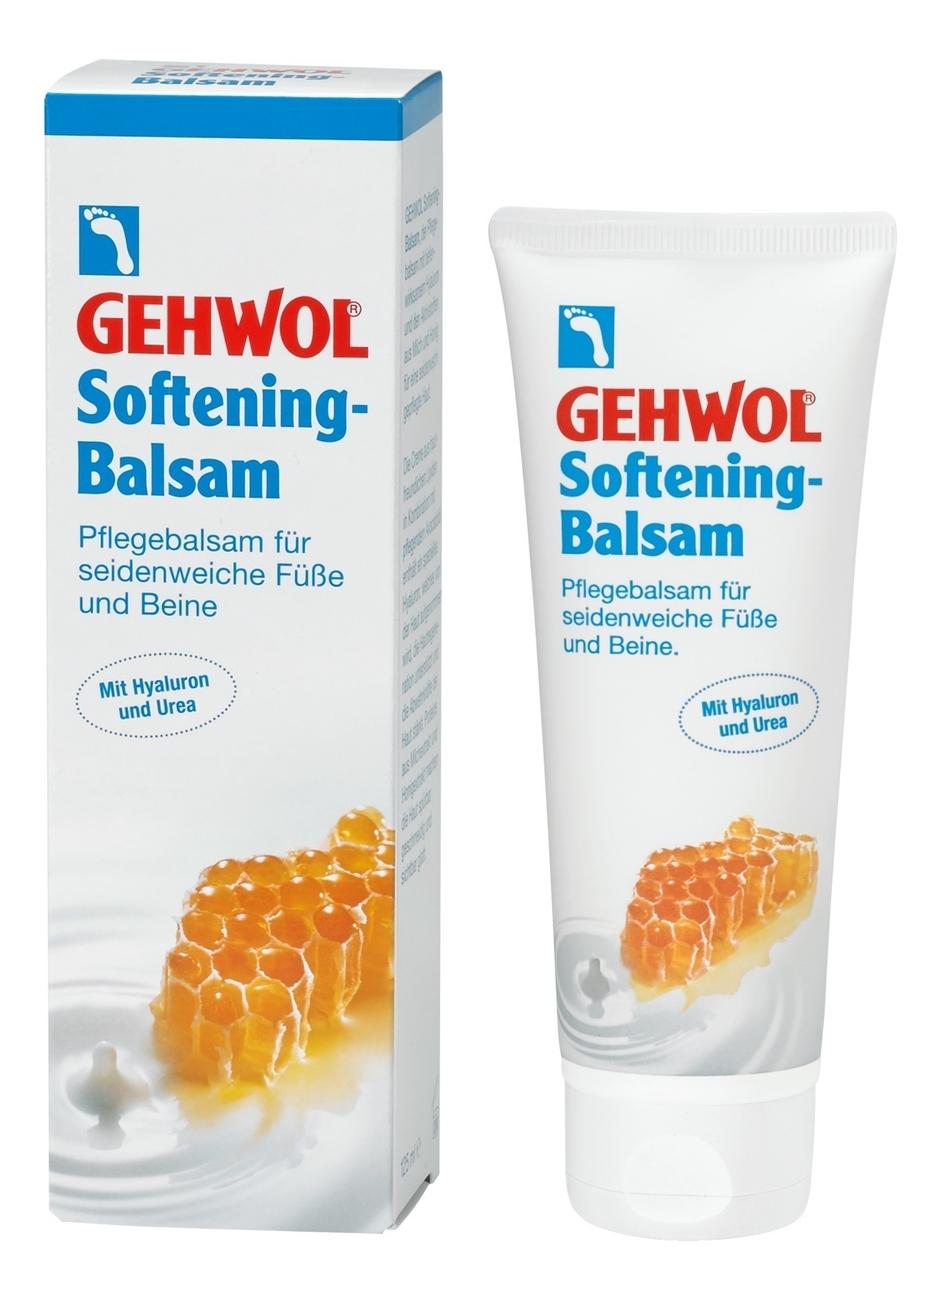 Ухаживающий бальзам для ног Softening-Balsam: Бальзам 125мл